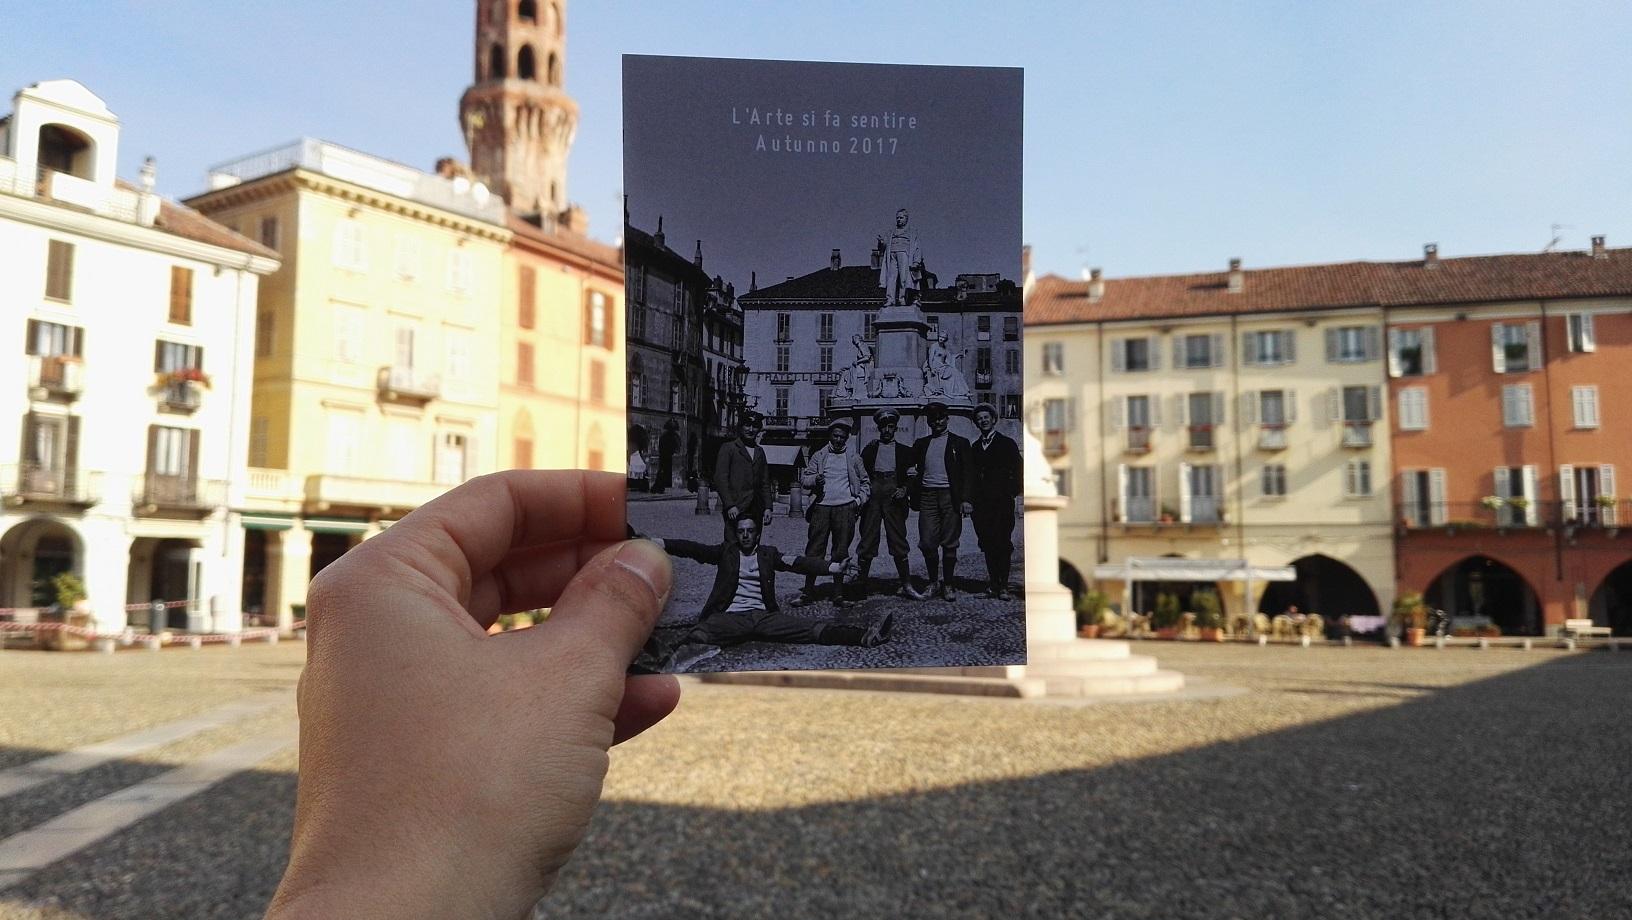 Una foto proveniente da uno dei musei di Vercelli sovrapposta a una piazza della città